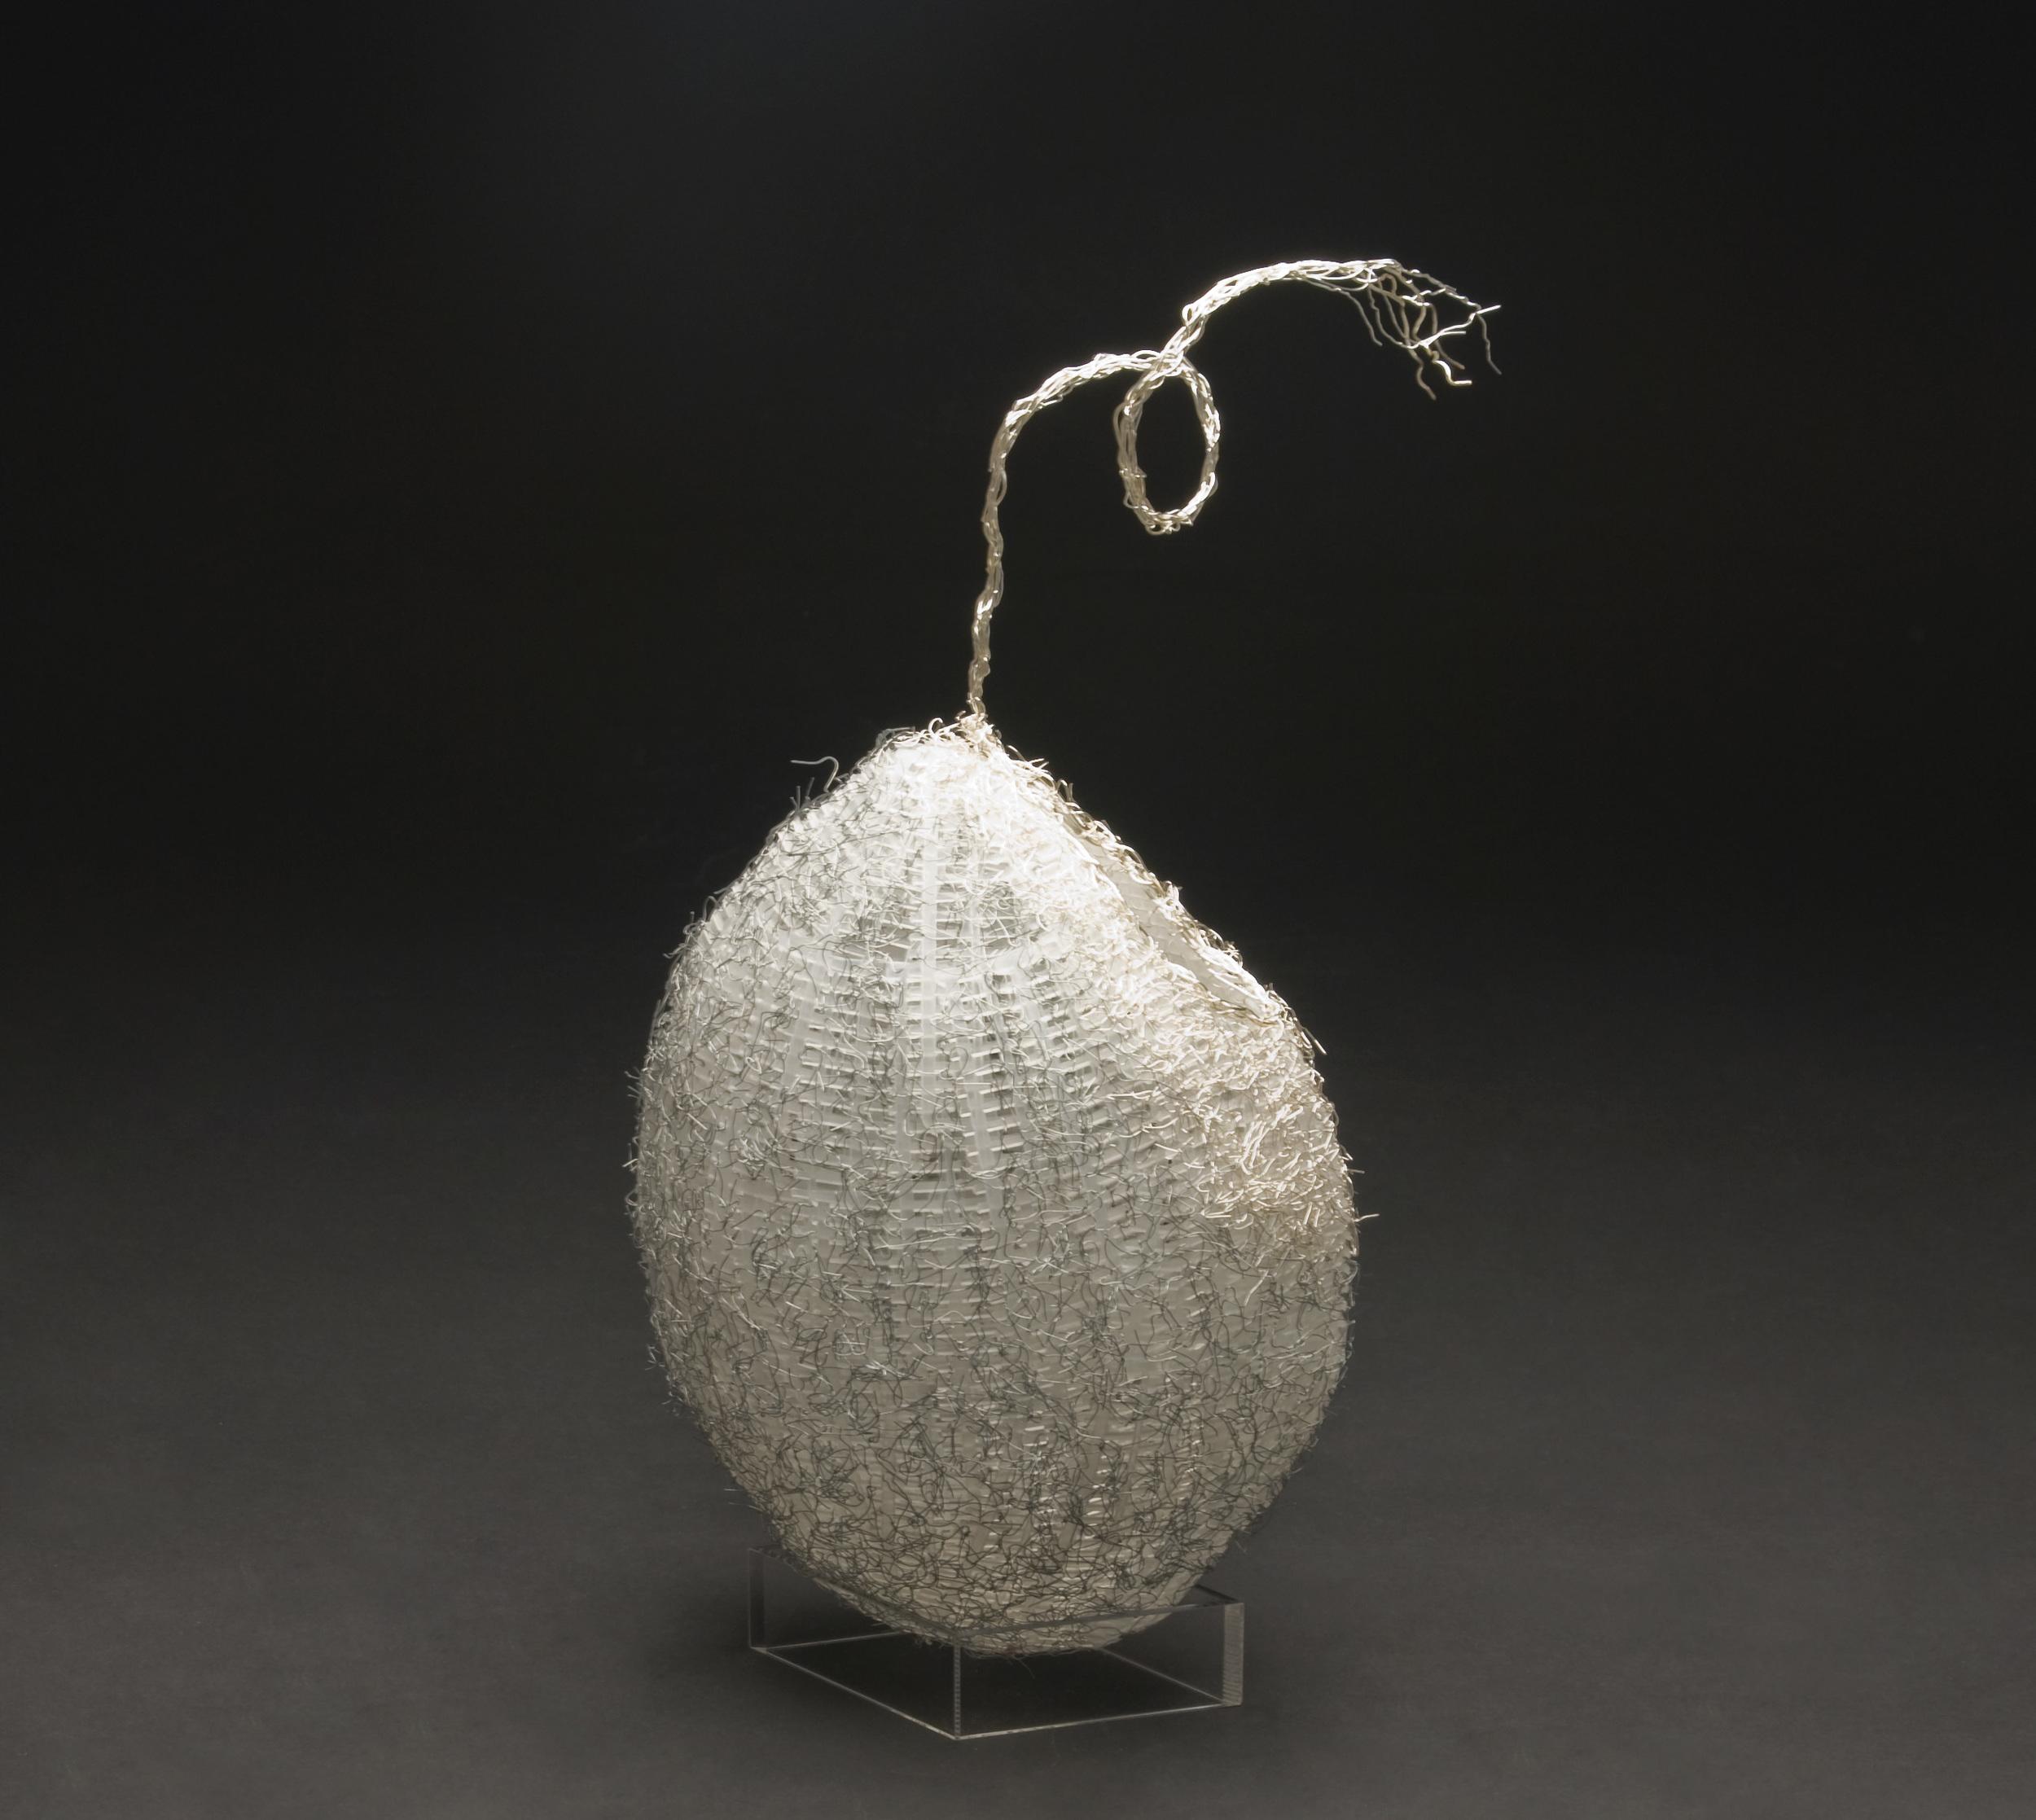 Akiko Mio    Seed of Oryza Sativa  , 2010 Plastic, wire 15.75 x 9.84 x 3.94 inches / 40 x 25 x 10 cm / AkM 2